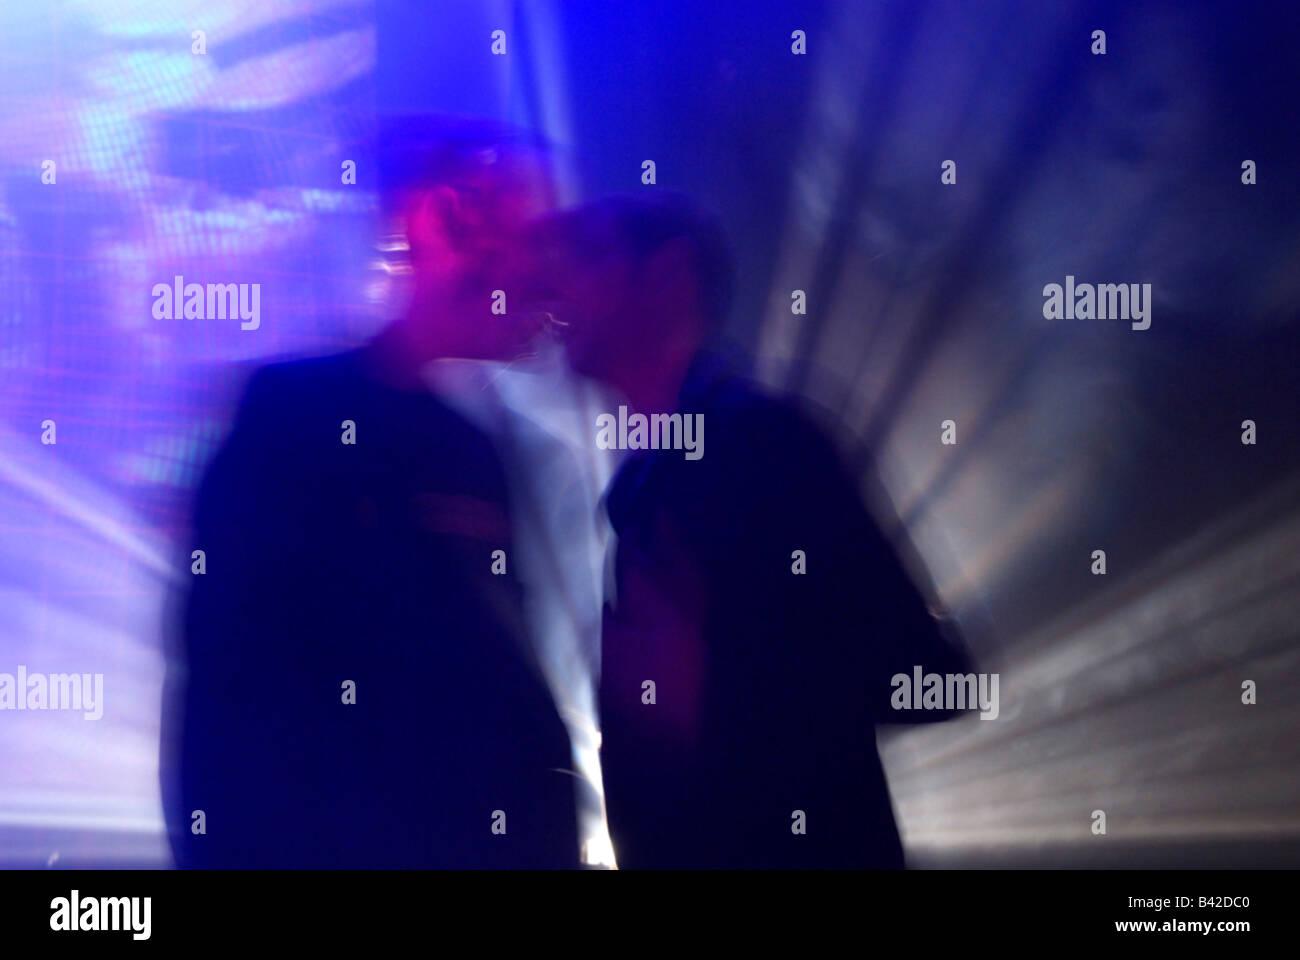 verschwommene Aufnahme zweier Männer, die Auseinandersetzung im Gespräch im Club mit Stroboskoplicht Hintergrundbeleuchtung Stockbild